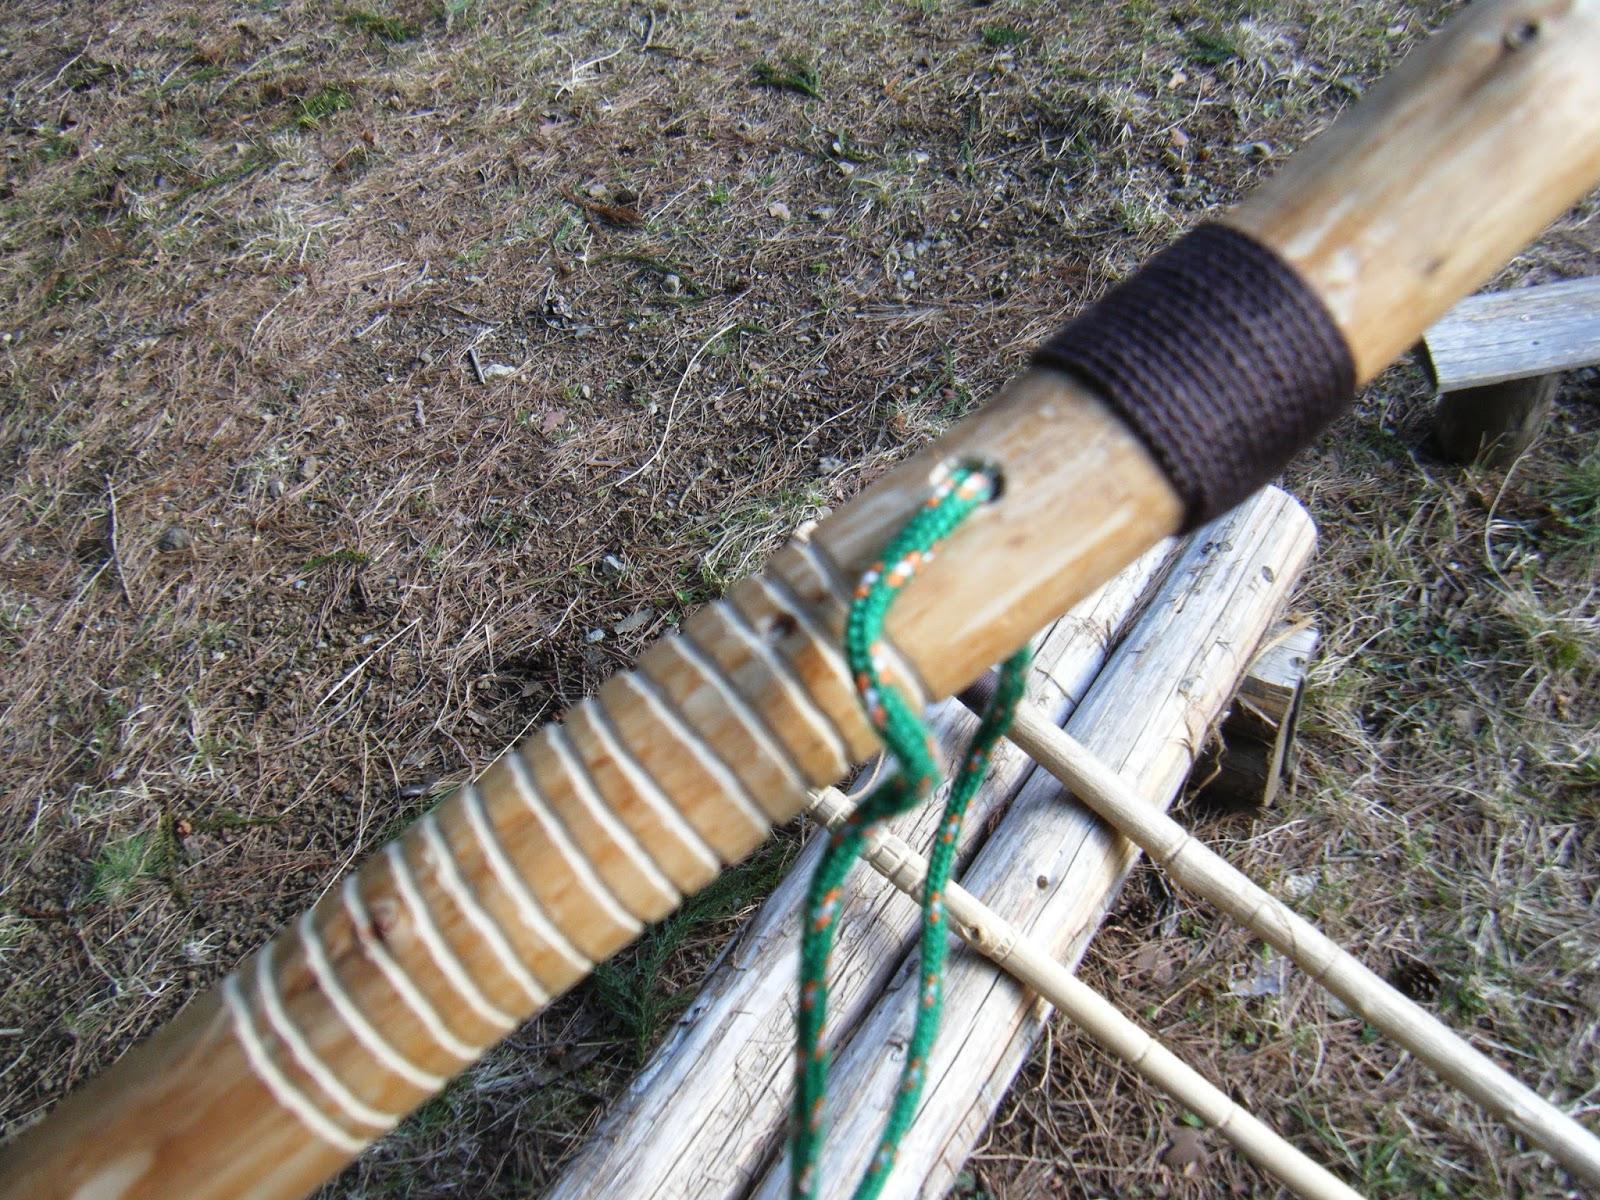 Le bushcraft d 39 alex fiche 57 comment fabriquer for Baton de chaise synonyme